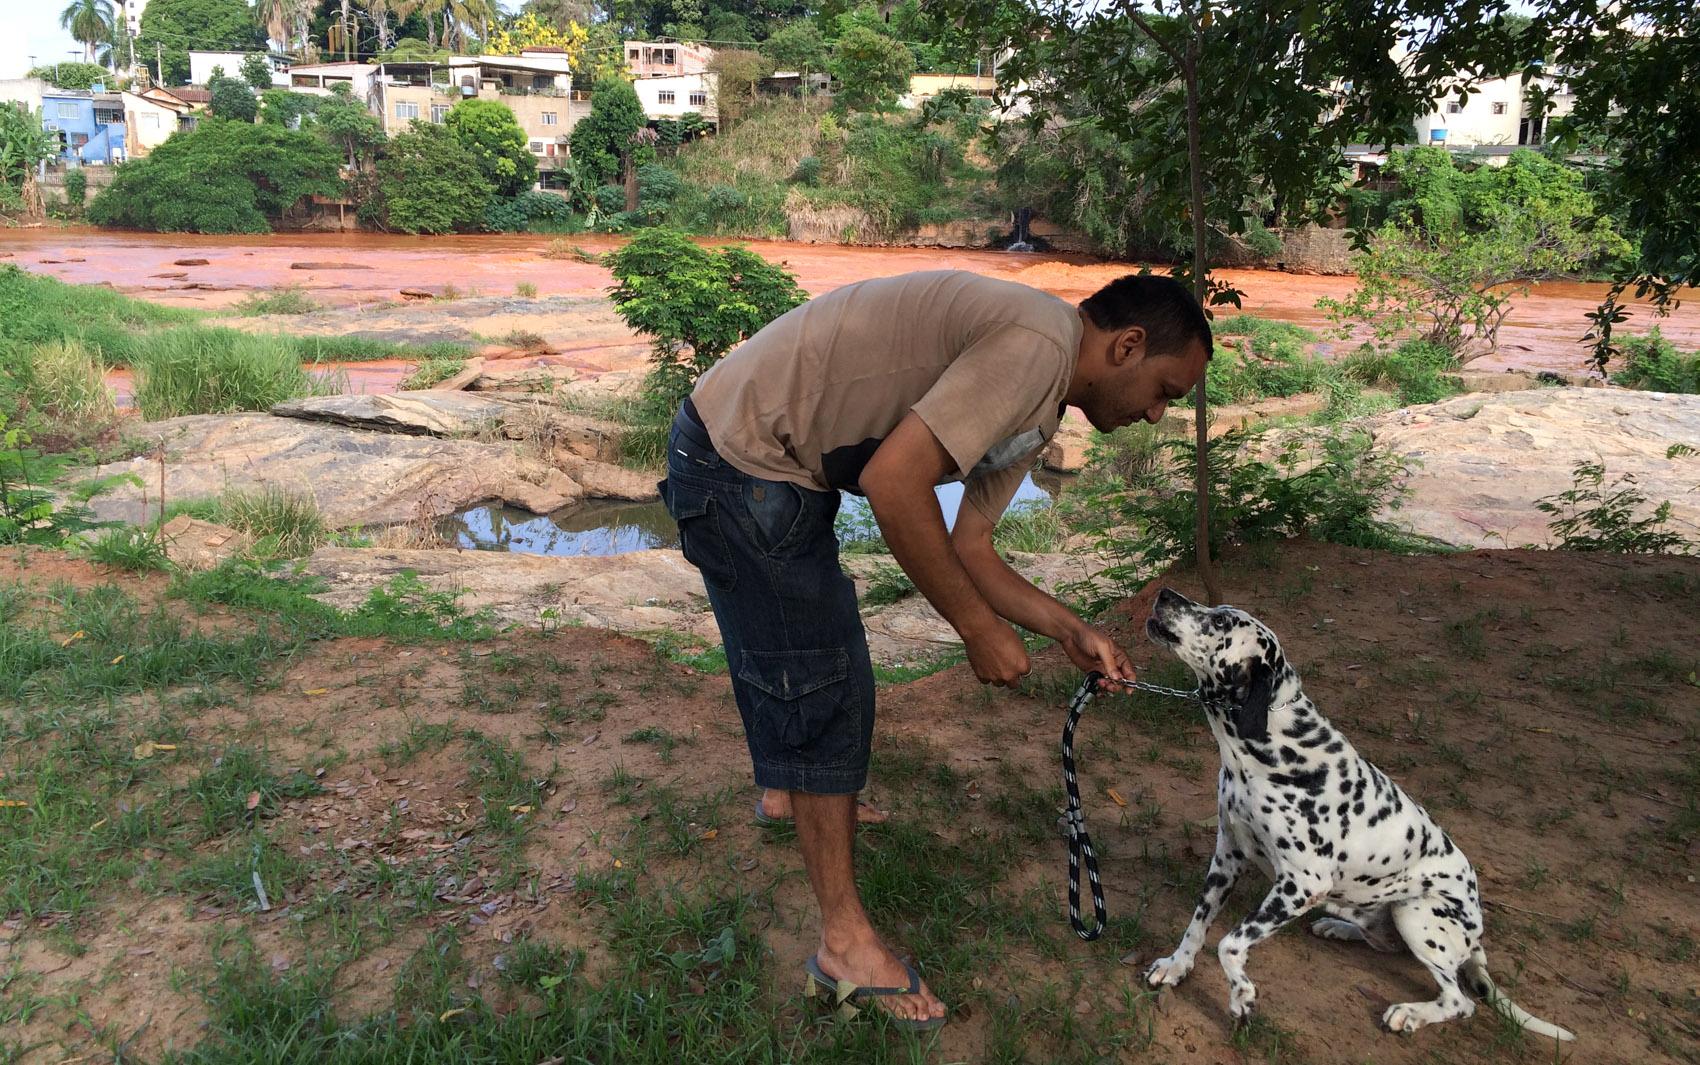 29/11 - André Luis Gonçalves é visto com a cadela Nina próximo à margem do Rio Doce em Governador Valadares, no interior de Minas Gerais. Nina costumava tomar banho todos os dias no rio, rotina interrompida após chegada da lama